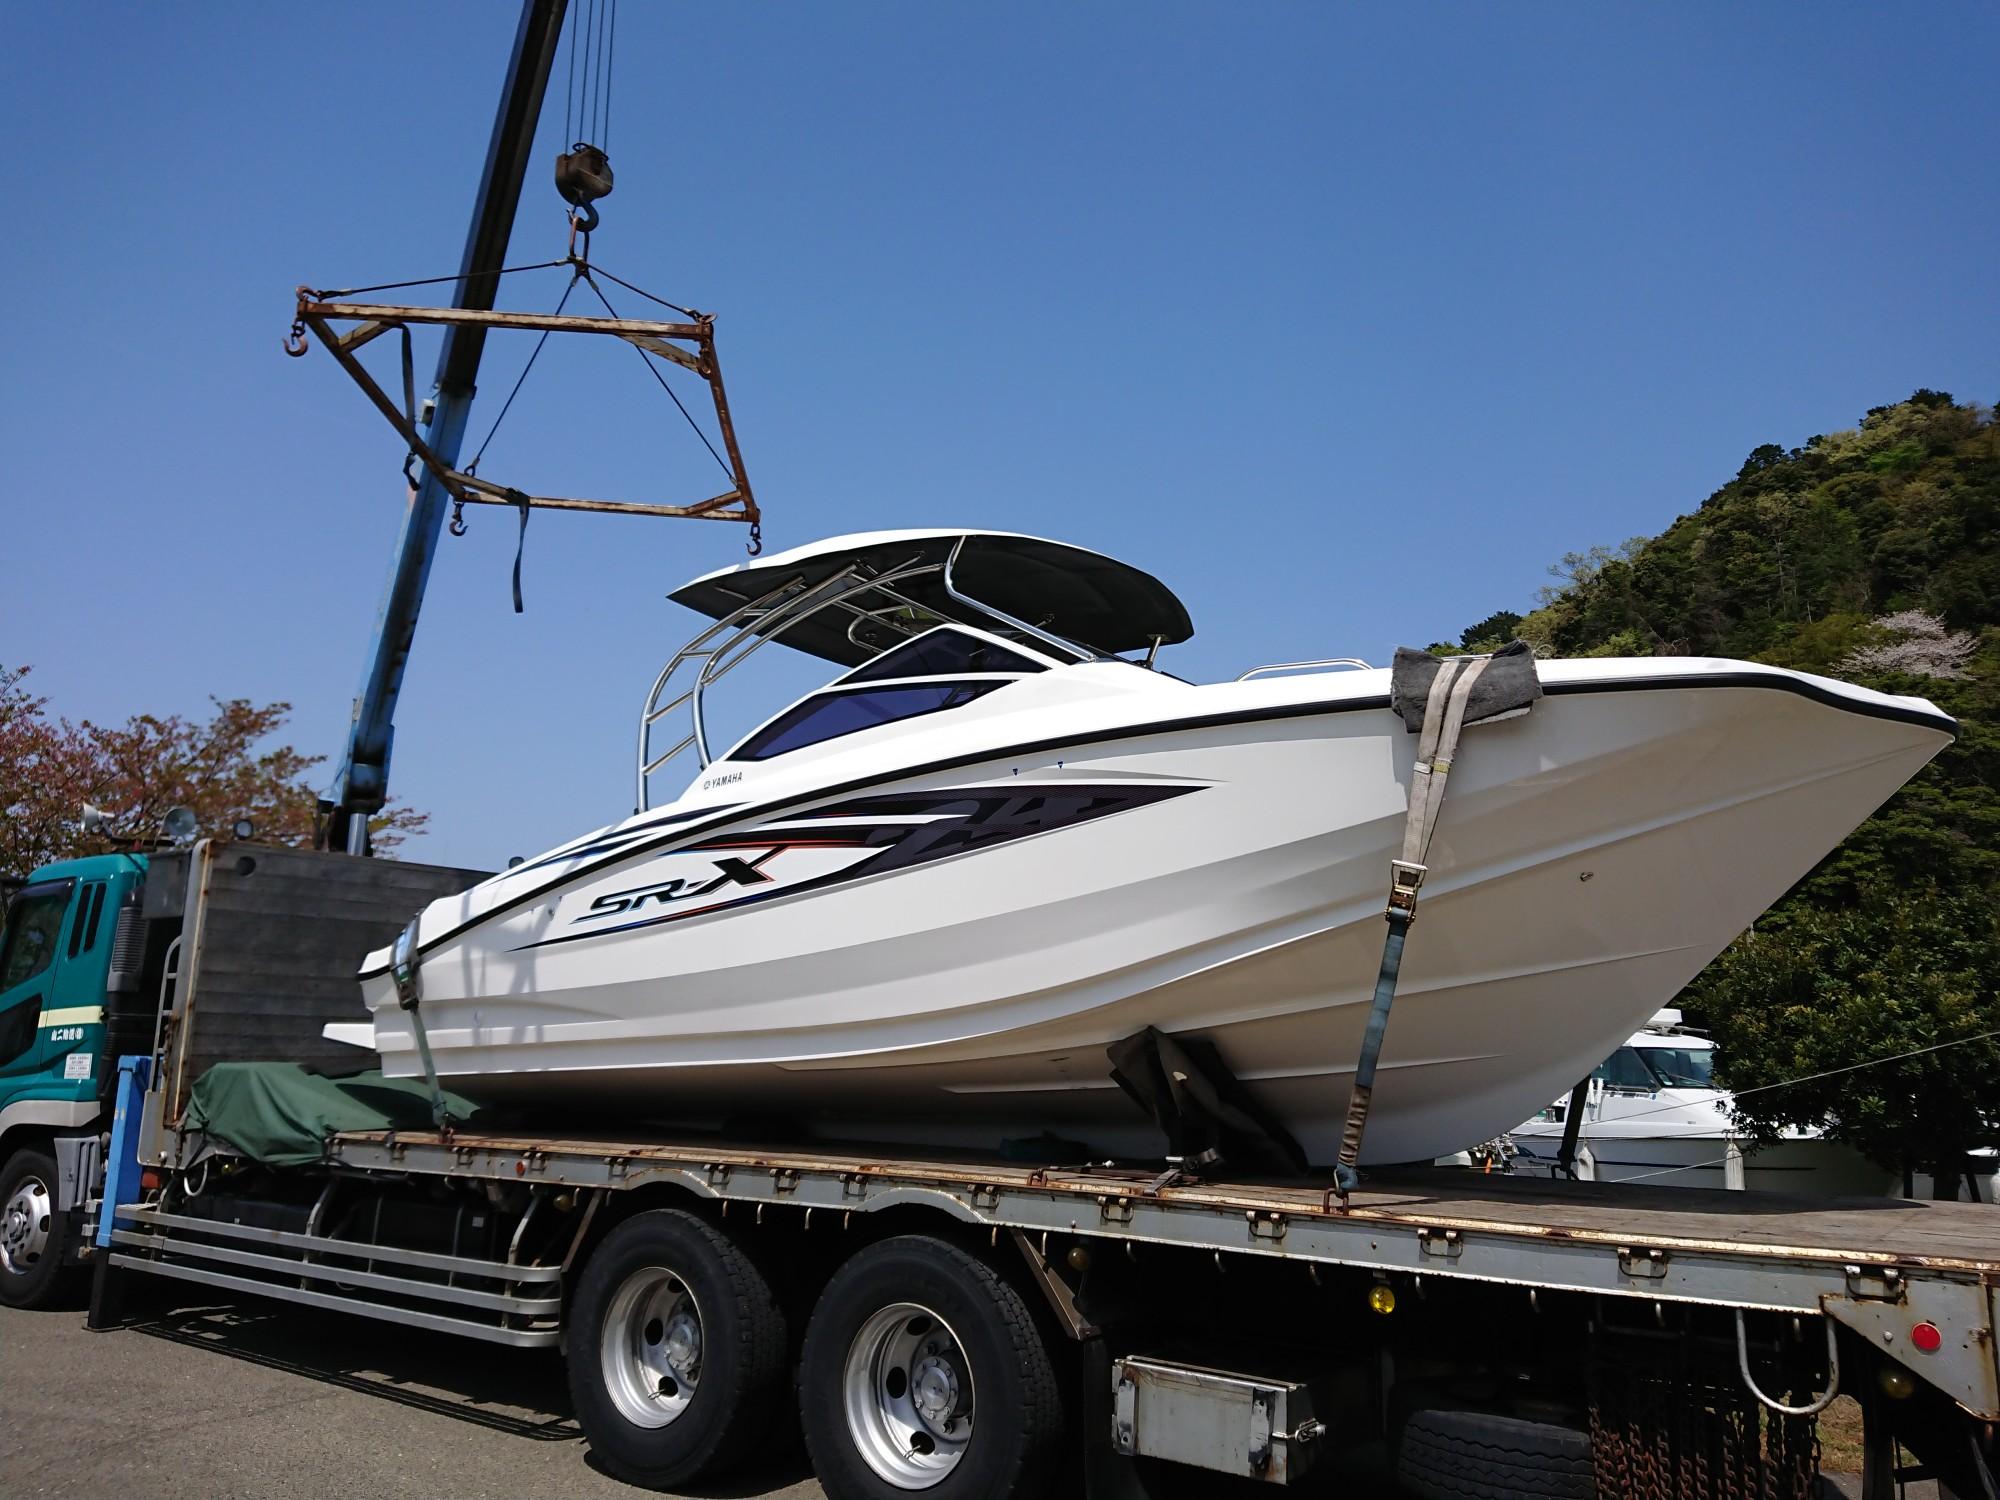 売約済み!ヤマハSR-X24 新艇!!沢山のお問合せ有難うございました!